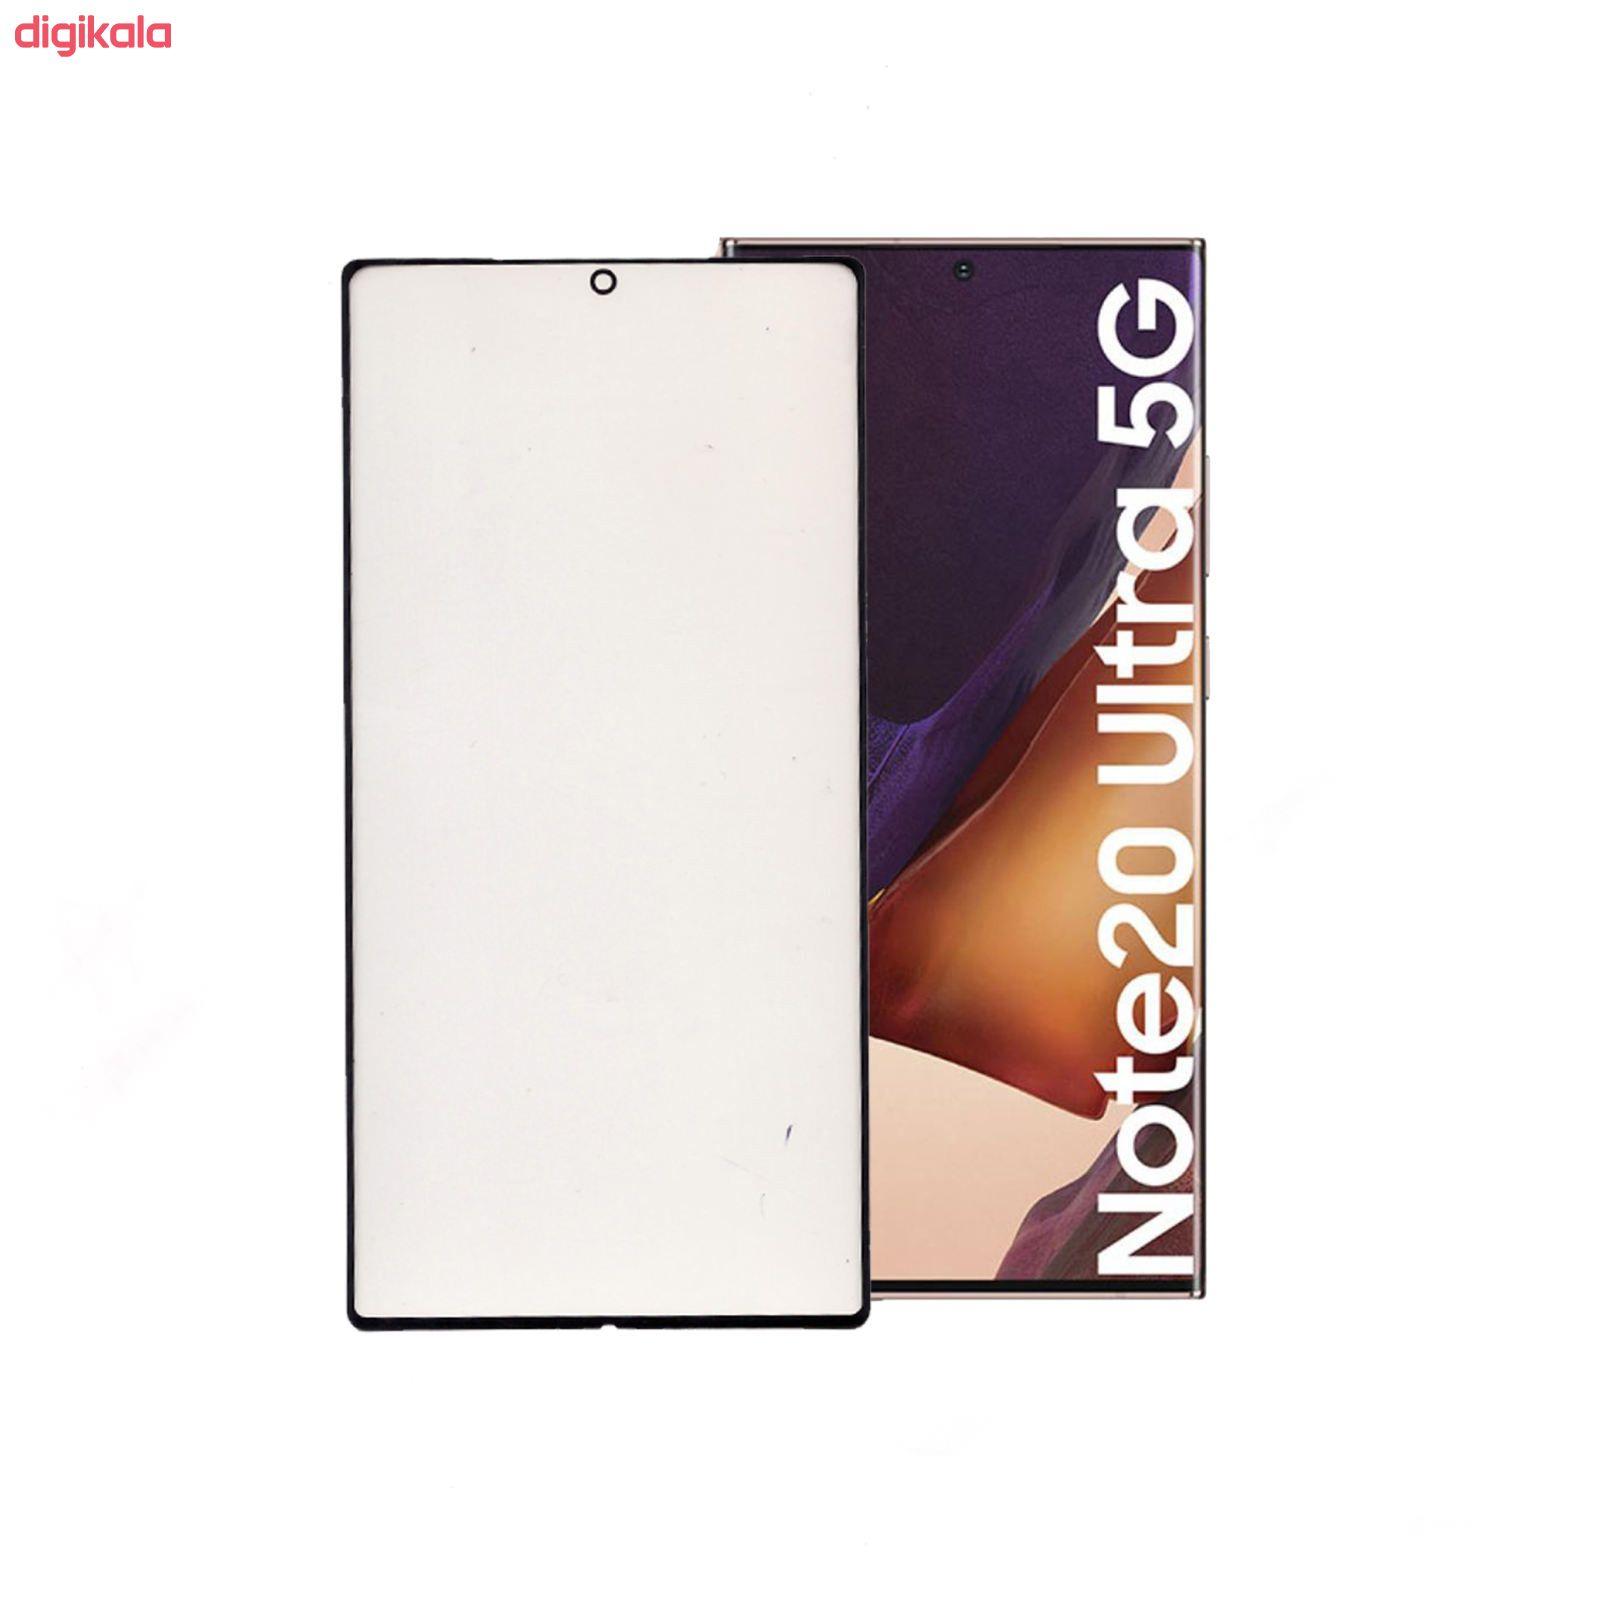 محافظ صفحه نمایش مات بوف مدل Slcm02 مناسب برای گوشی موبایل سامسونگ Galaxy note 20 ultra